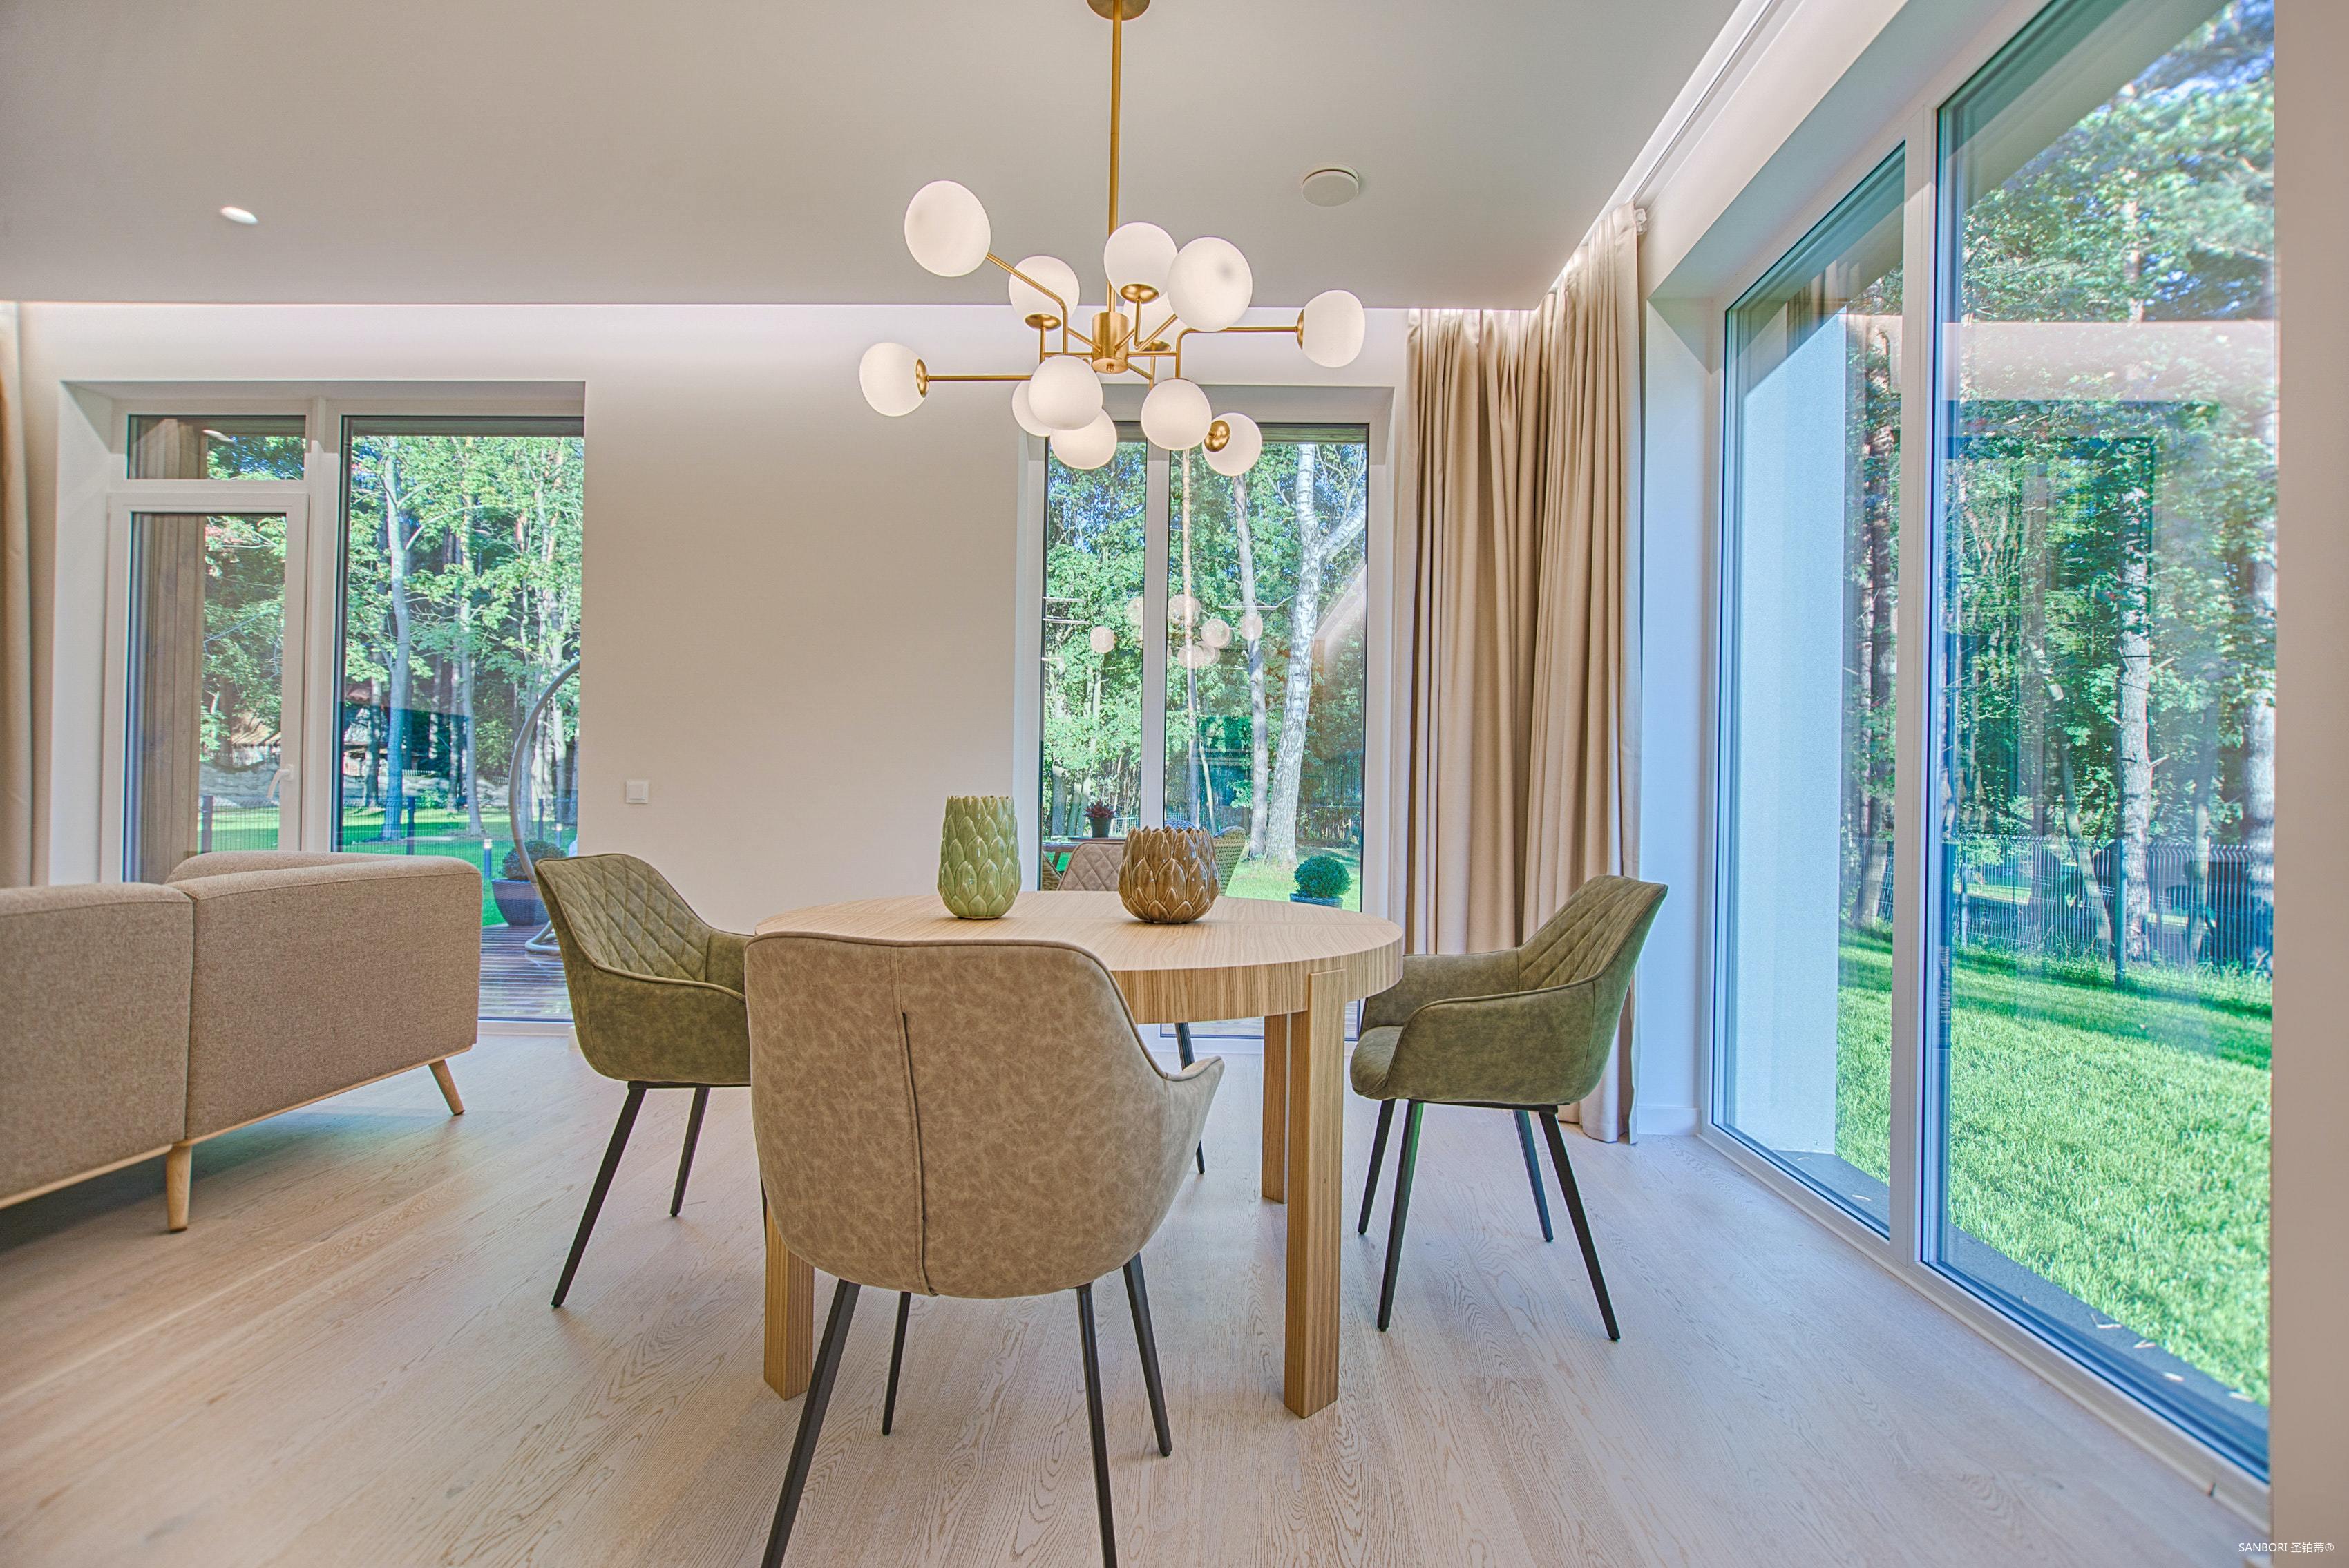 round-brown-wooden-5-piece-dining-set-in-room-1571463.jpg